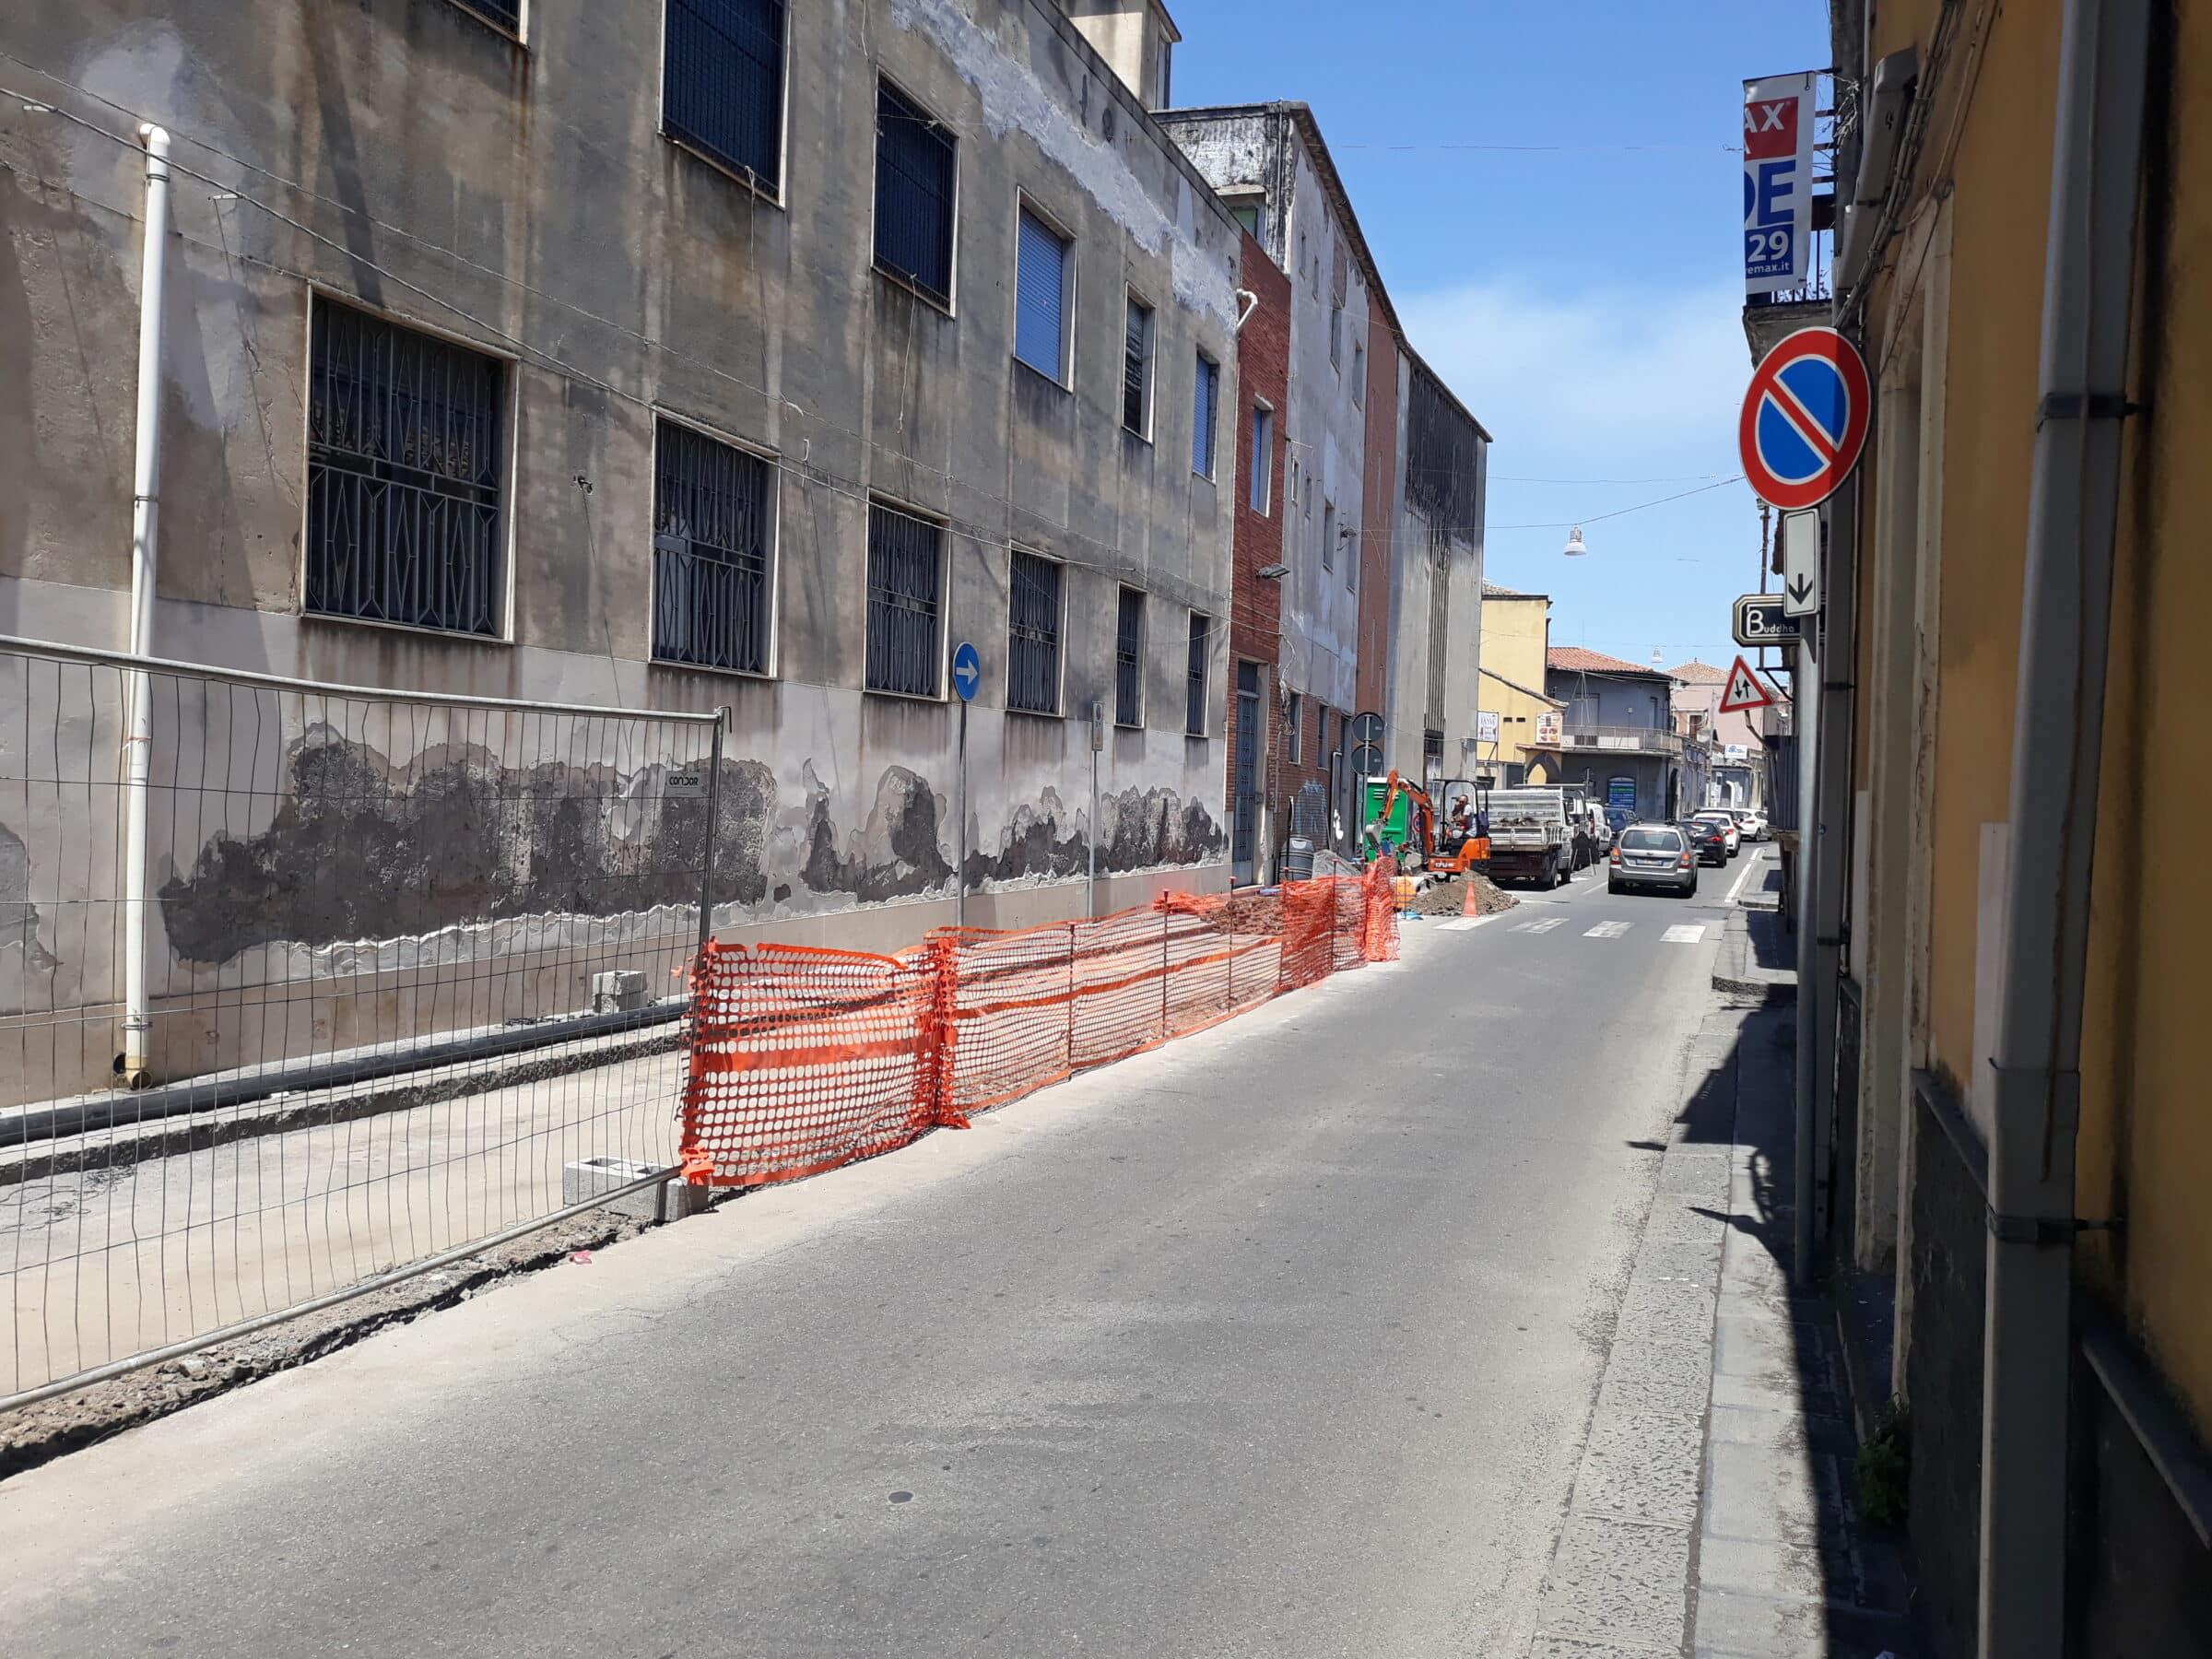 Rifacimento della rete idrica nel Catanese, Comune senza acqua e luce: i GIORNI e gli ORARI dei disservizi